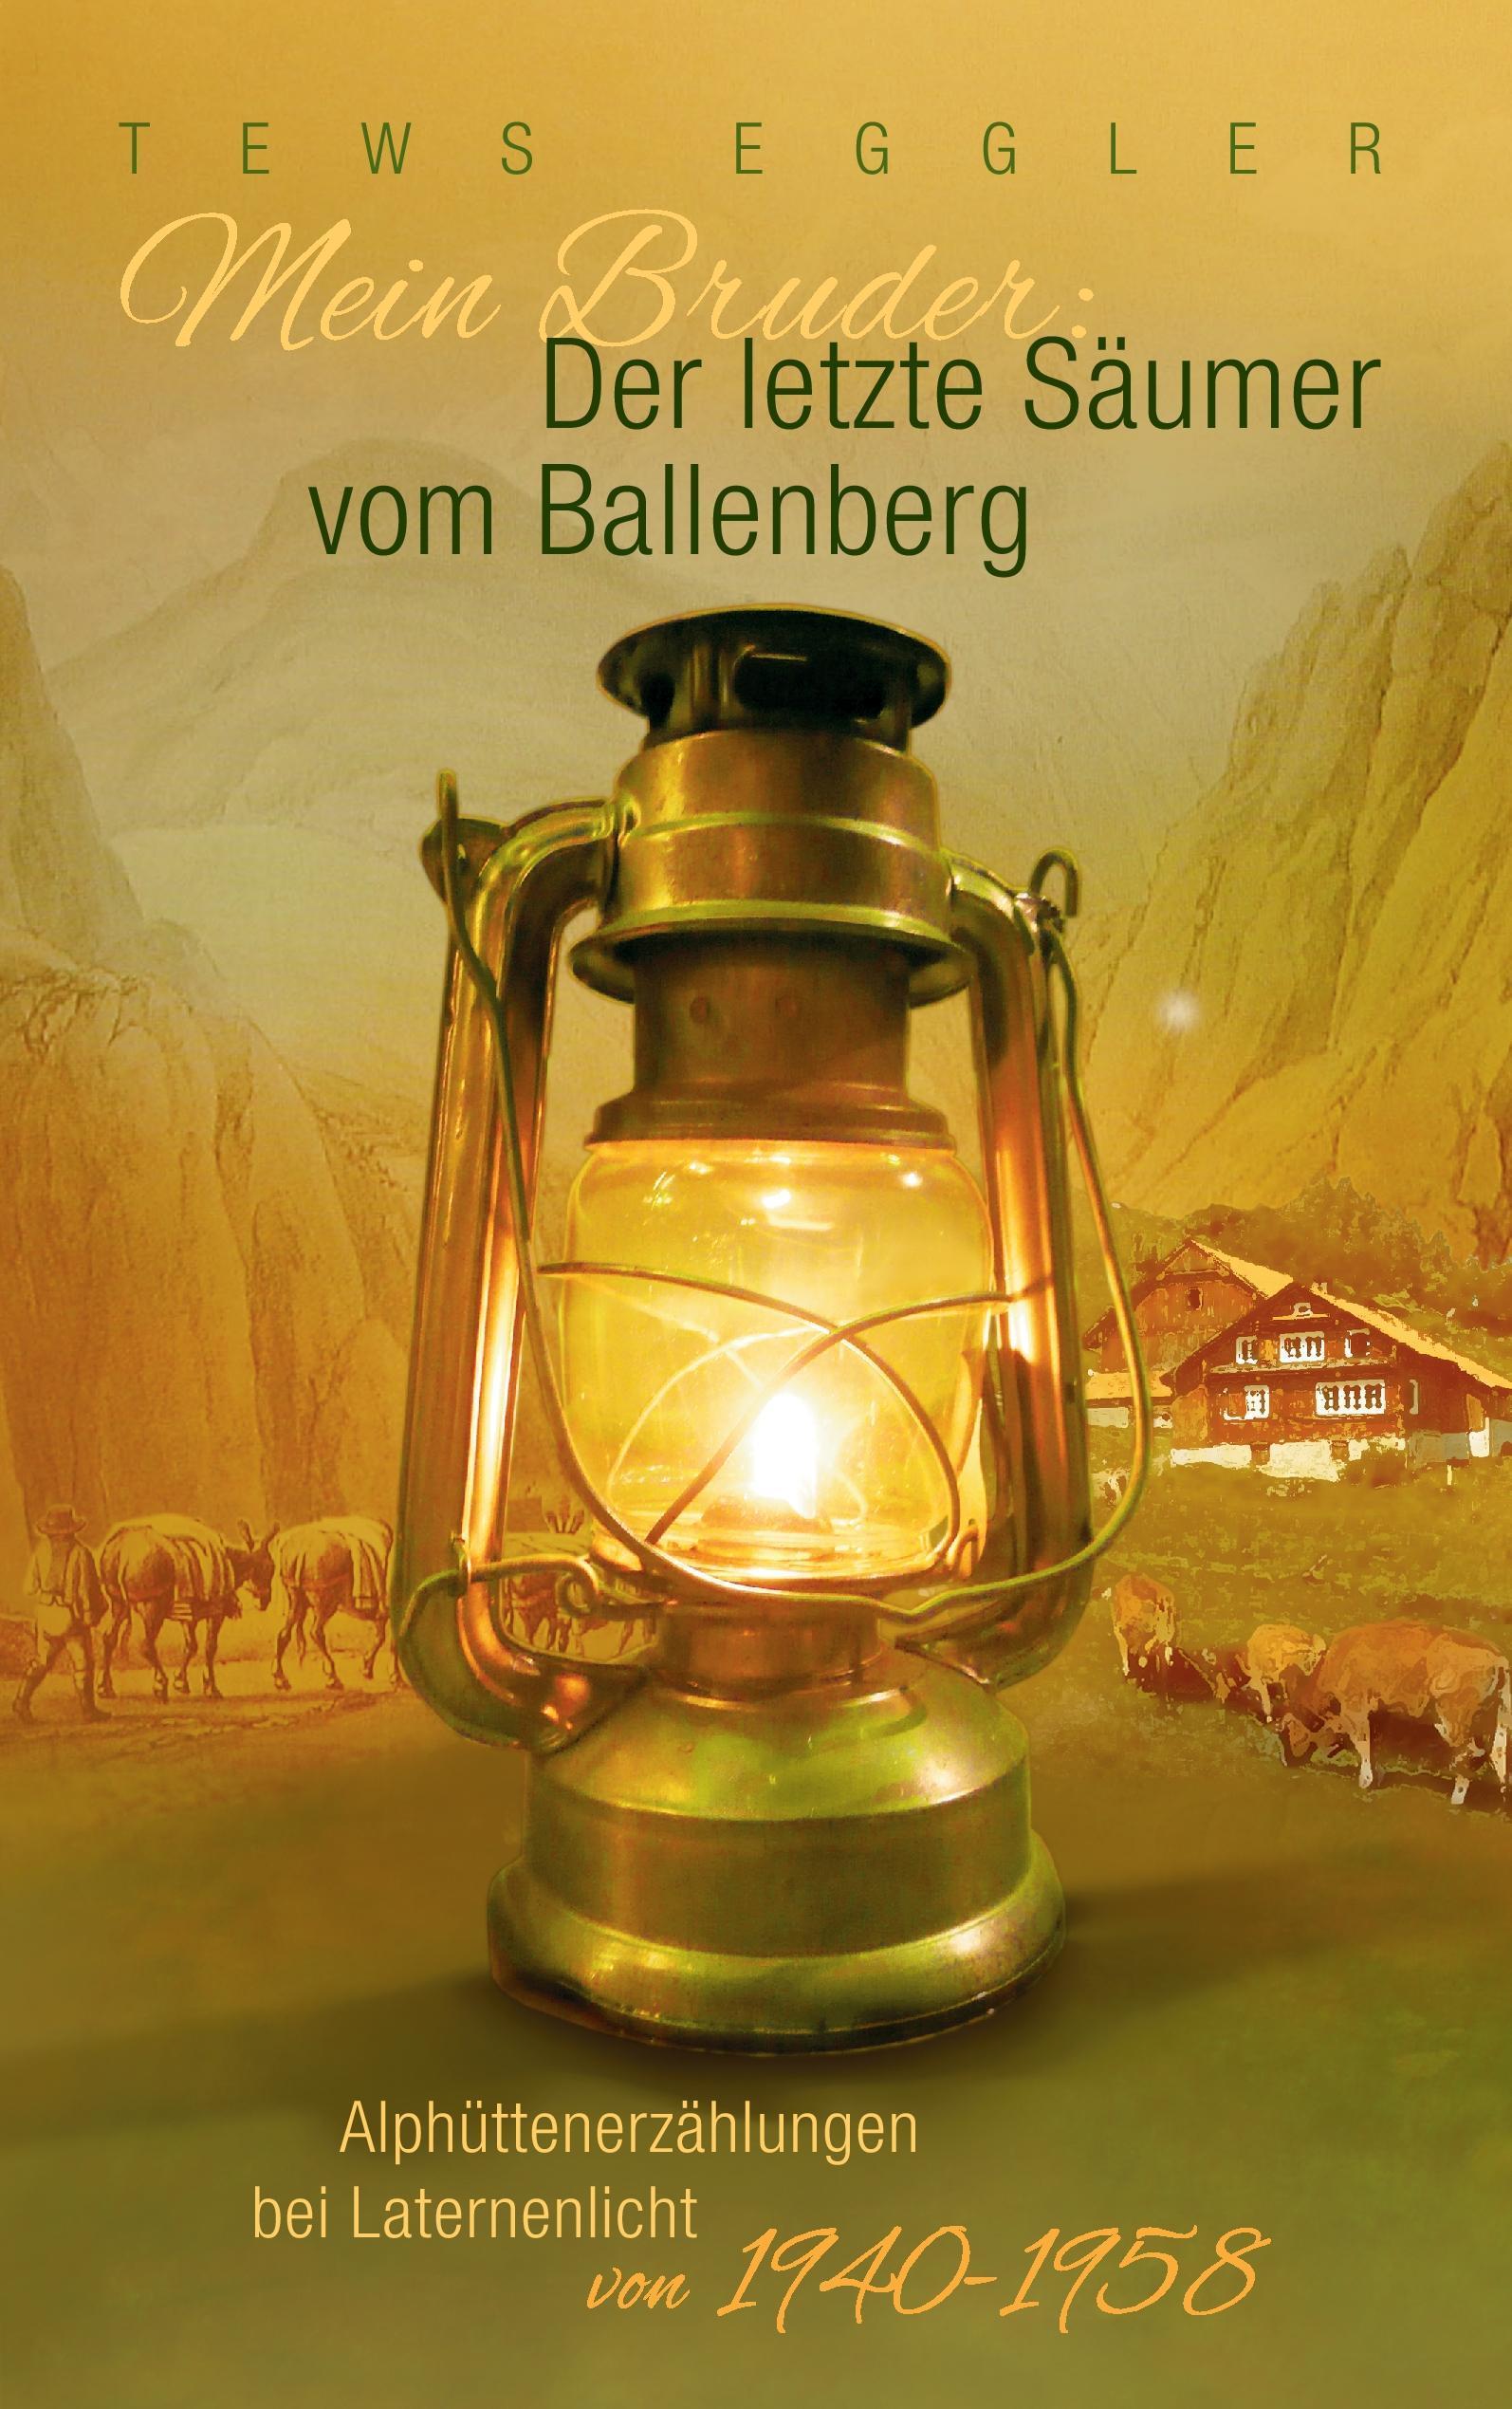 Eggler, T: Mein Bruder: Der letzte Säumer vom Ballenberg